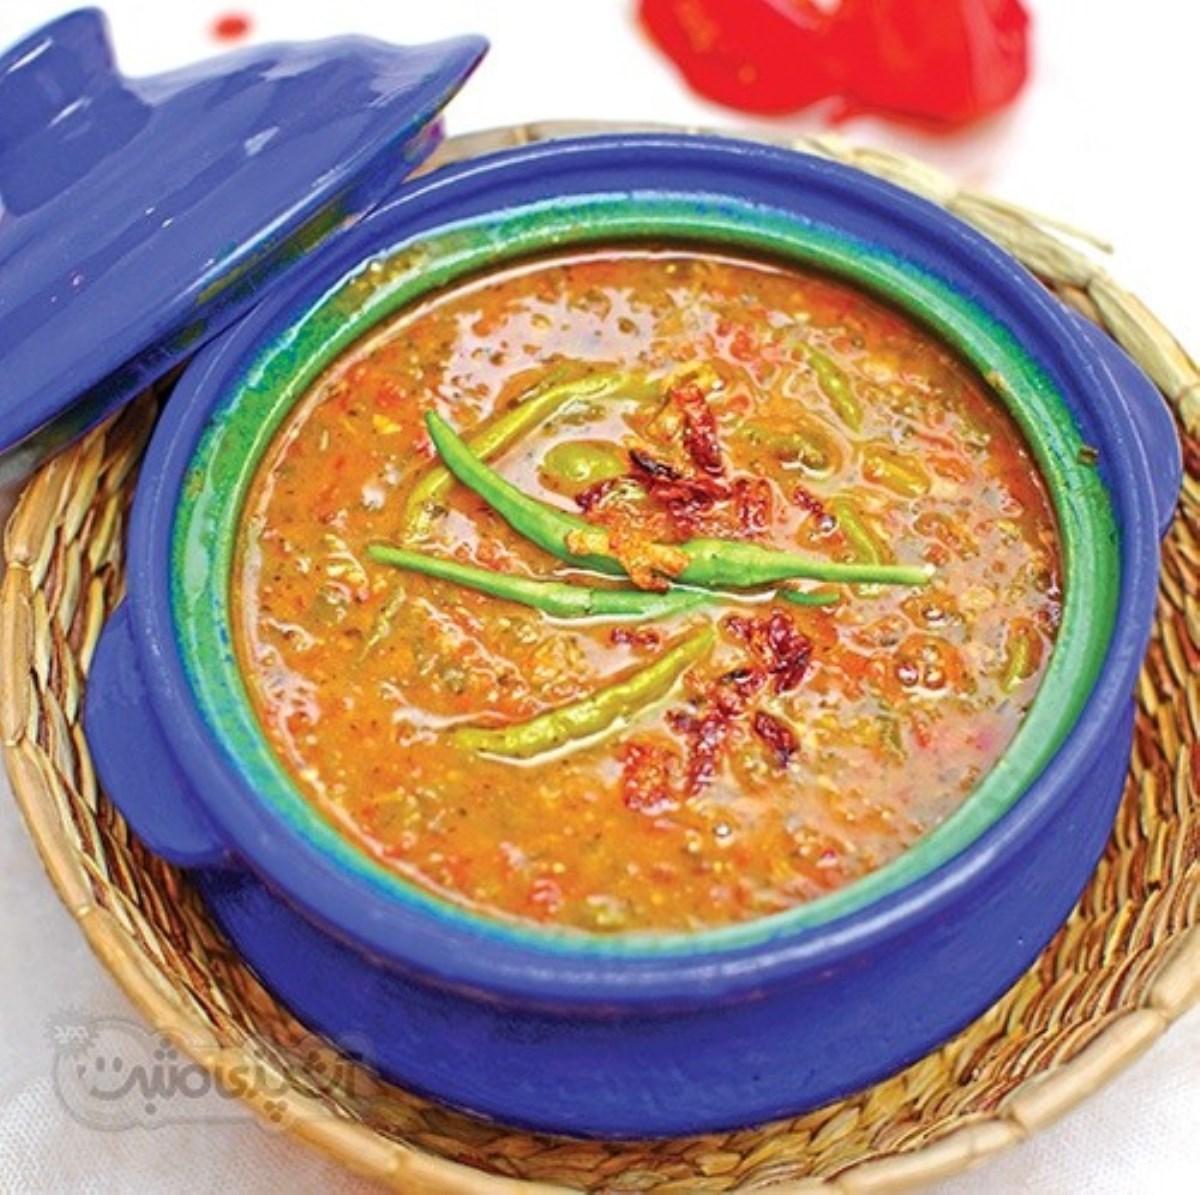 طرز تهیه آش گوجه فرنگی (غذای رژیمی)